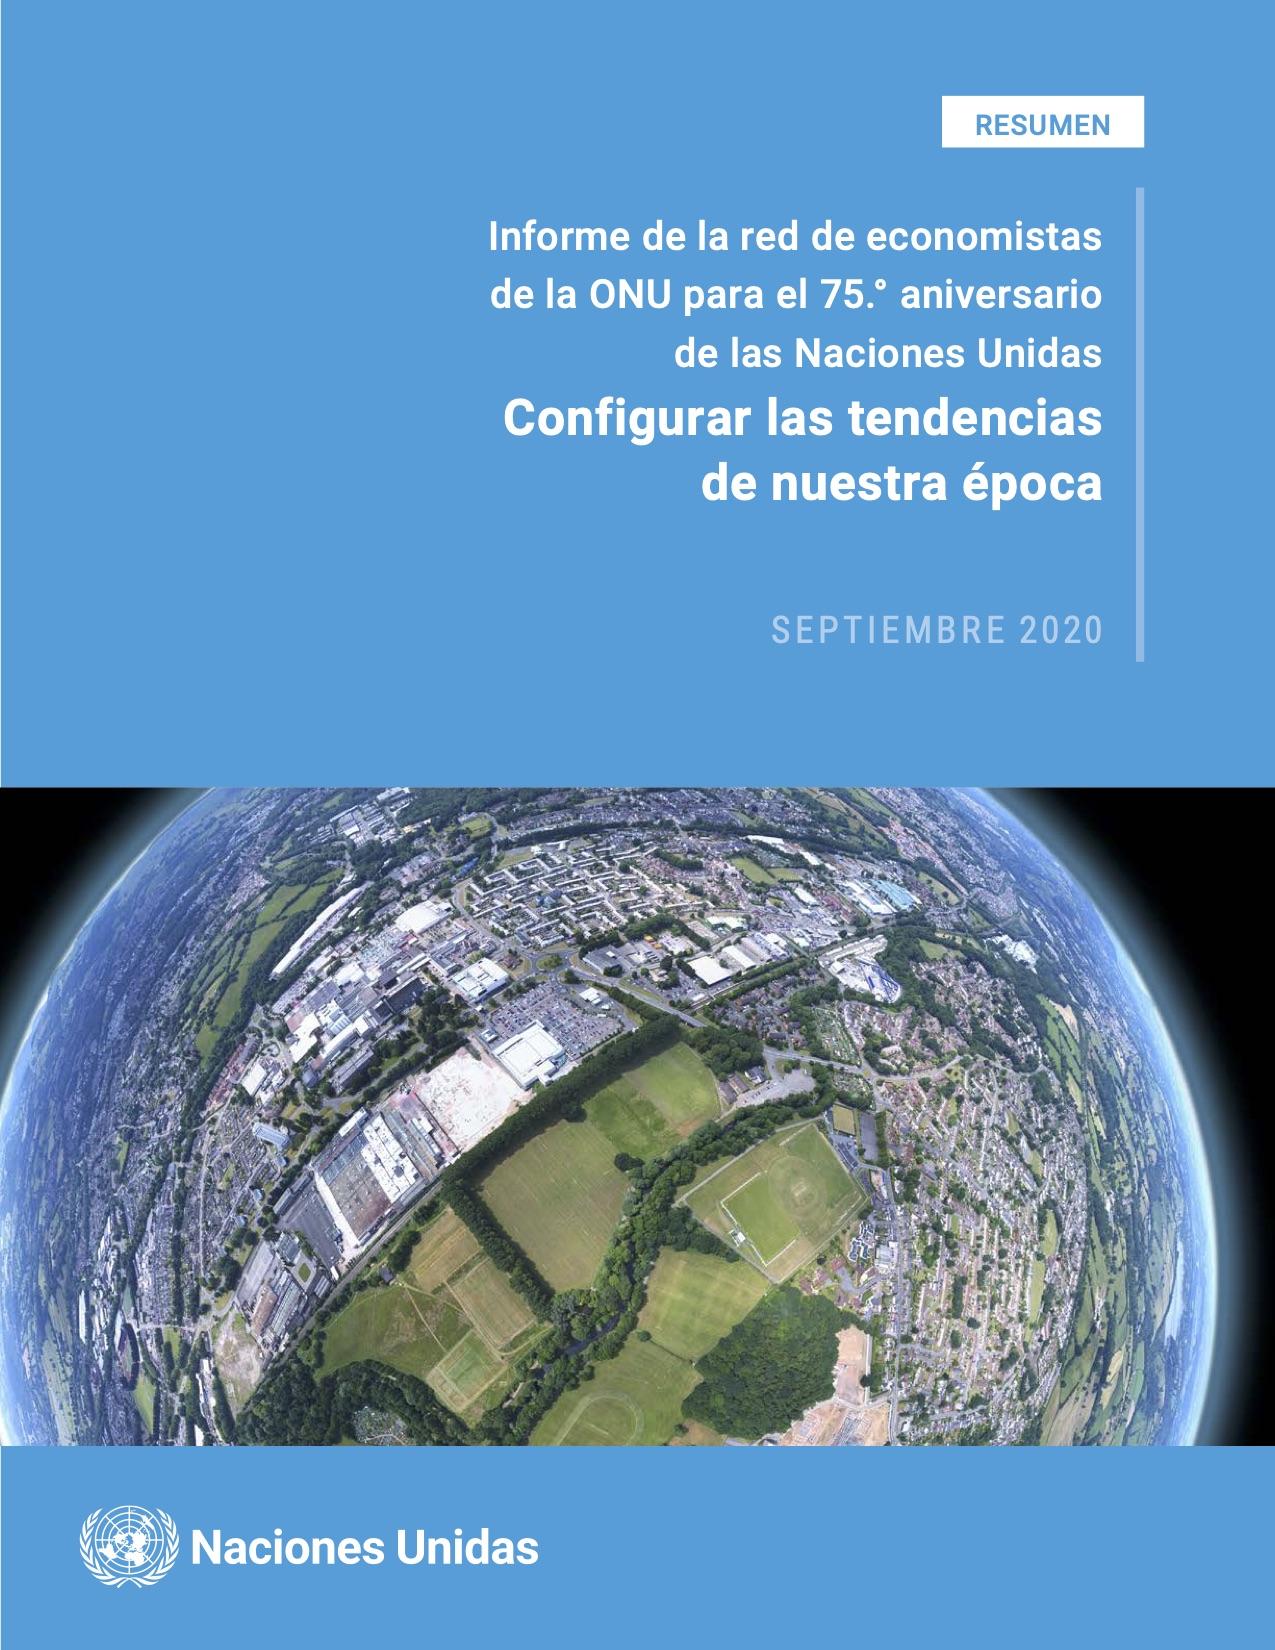 """Resumen ejecutivo - Informe de la red de economistas de la ONU para el 75° aniversario de las Naciones Unidas; """"Configurar las tendencias de nuestra época"""""""